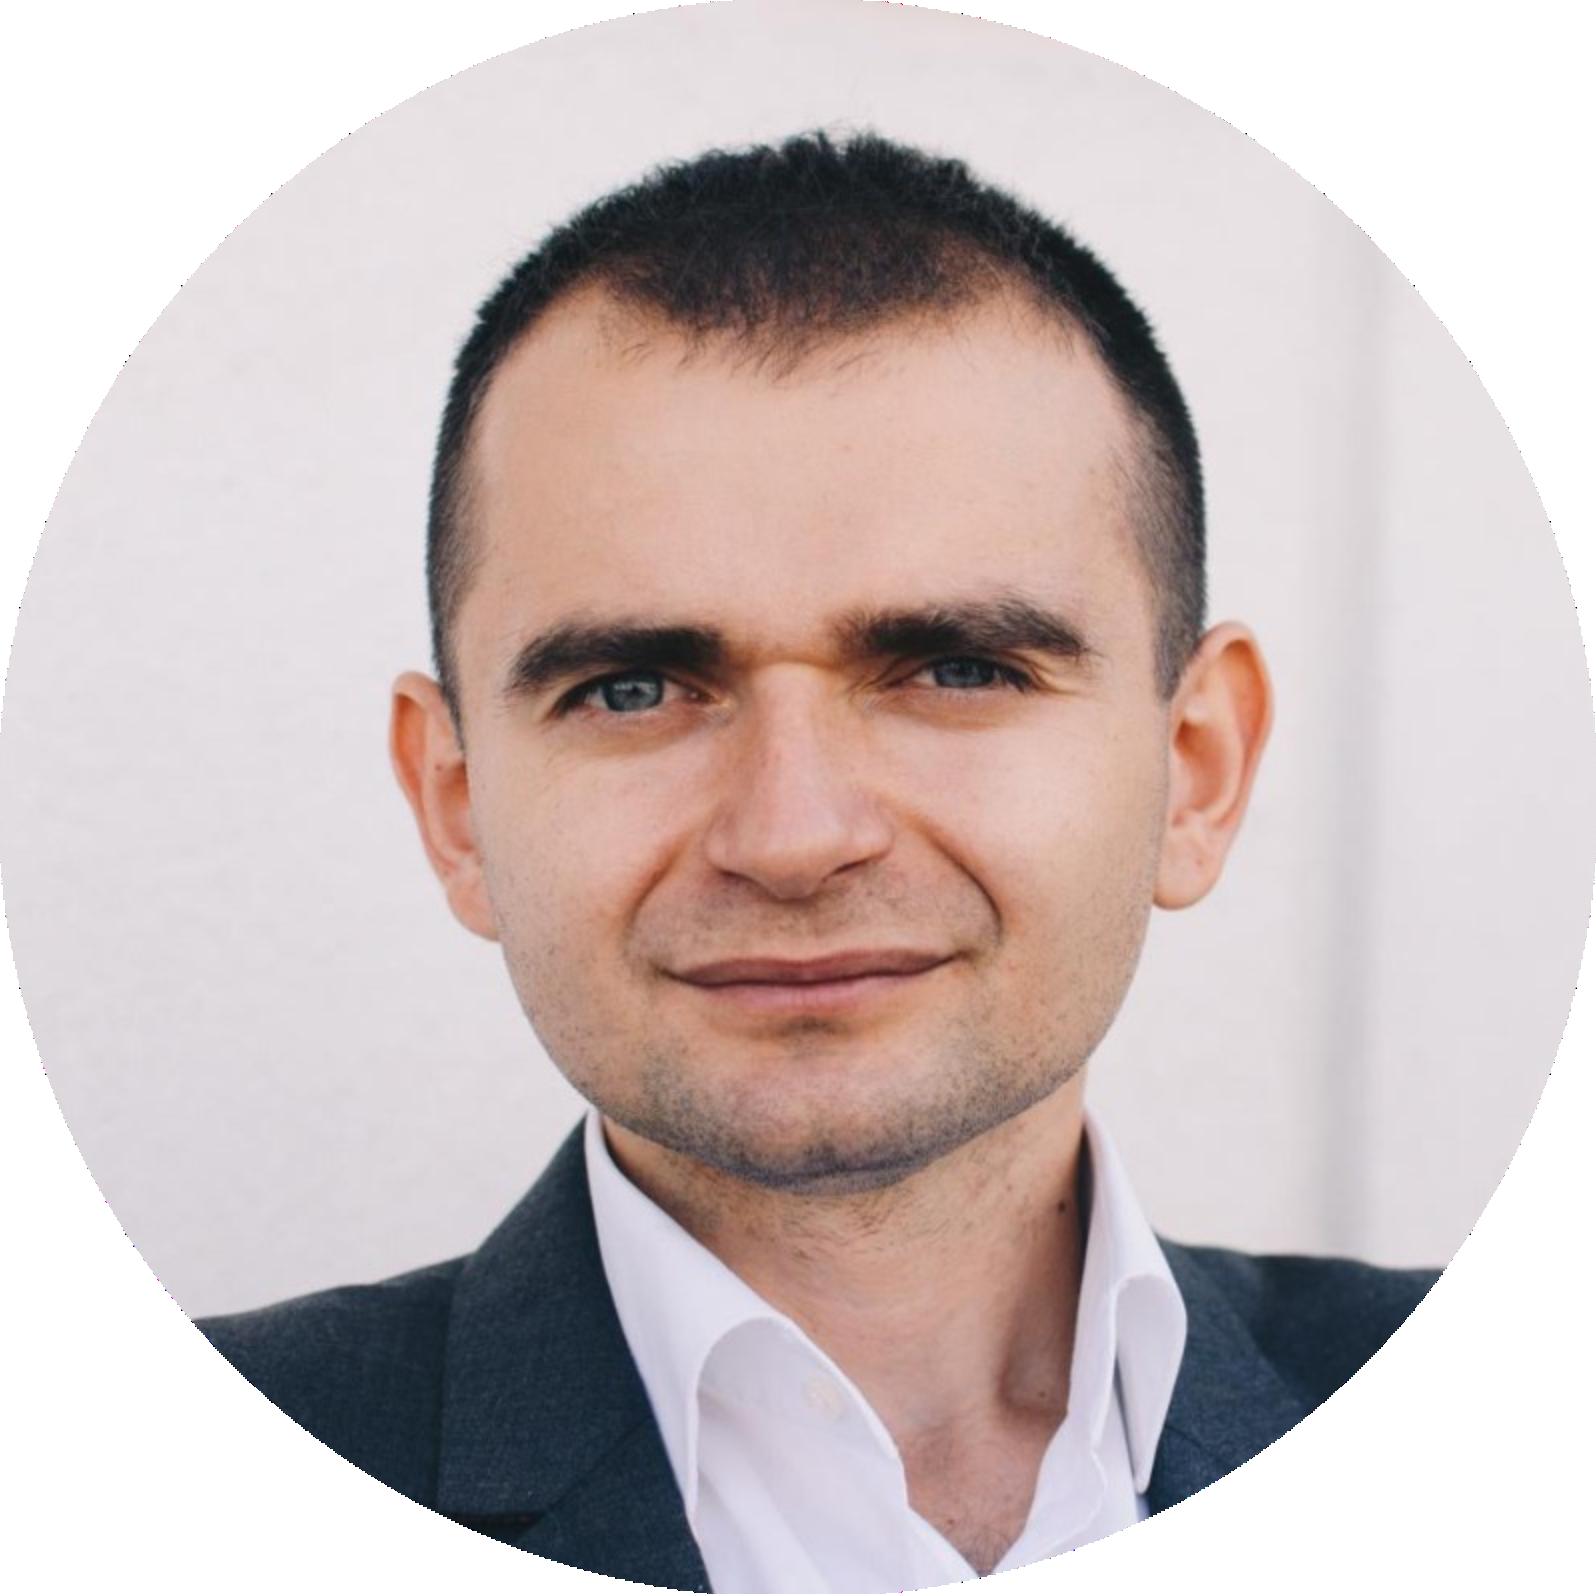 Абромавичус покидает Укроборонпром: что будет с его реформой. Пять мнений